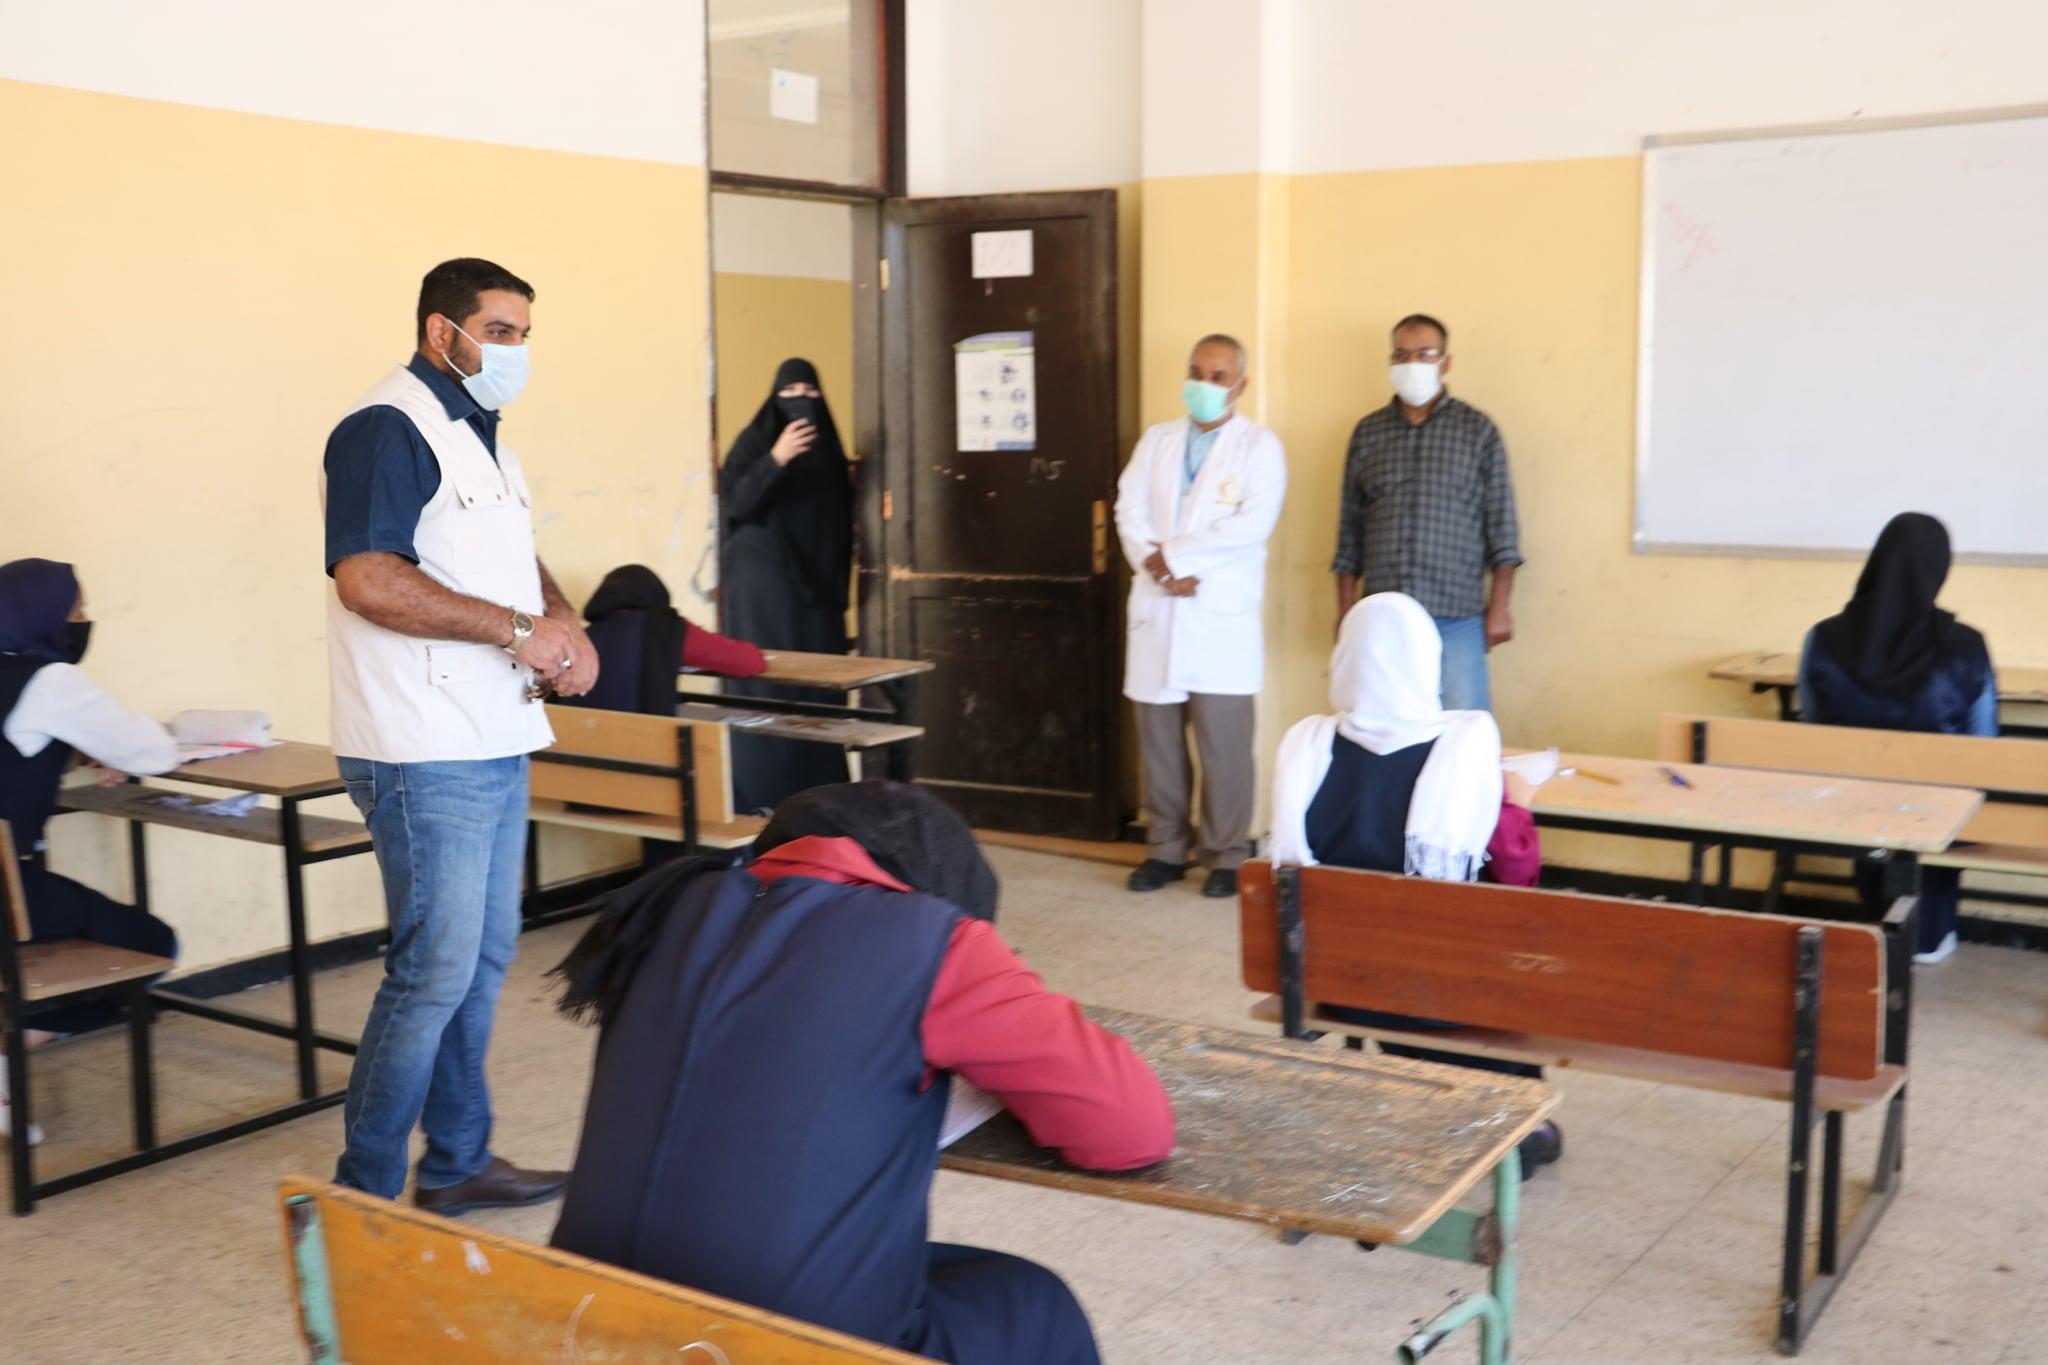 اختتام امتحانات الشهادة الإعدادية في بنغازي تحت إشراف فرقة الرصد والتقصي والاستجابة السريعة لمكافحة جائحة فيروس كورونا